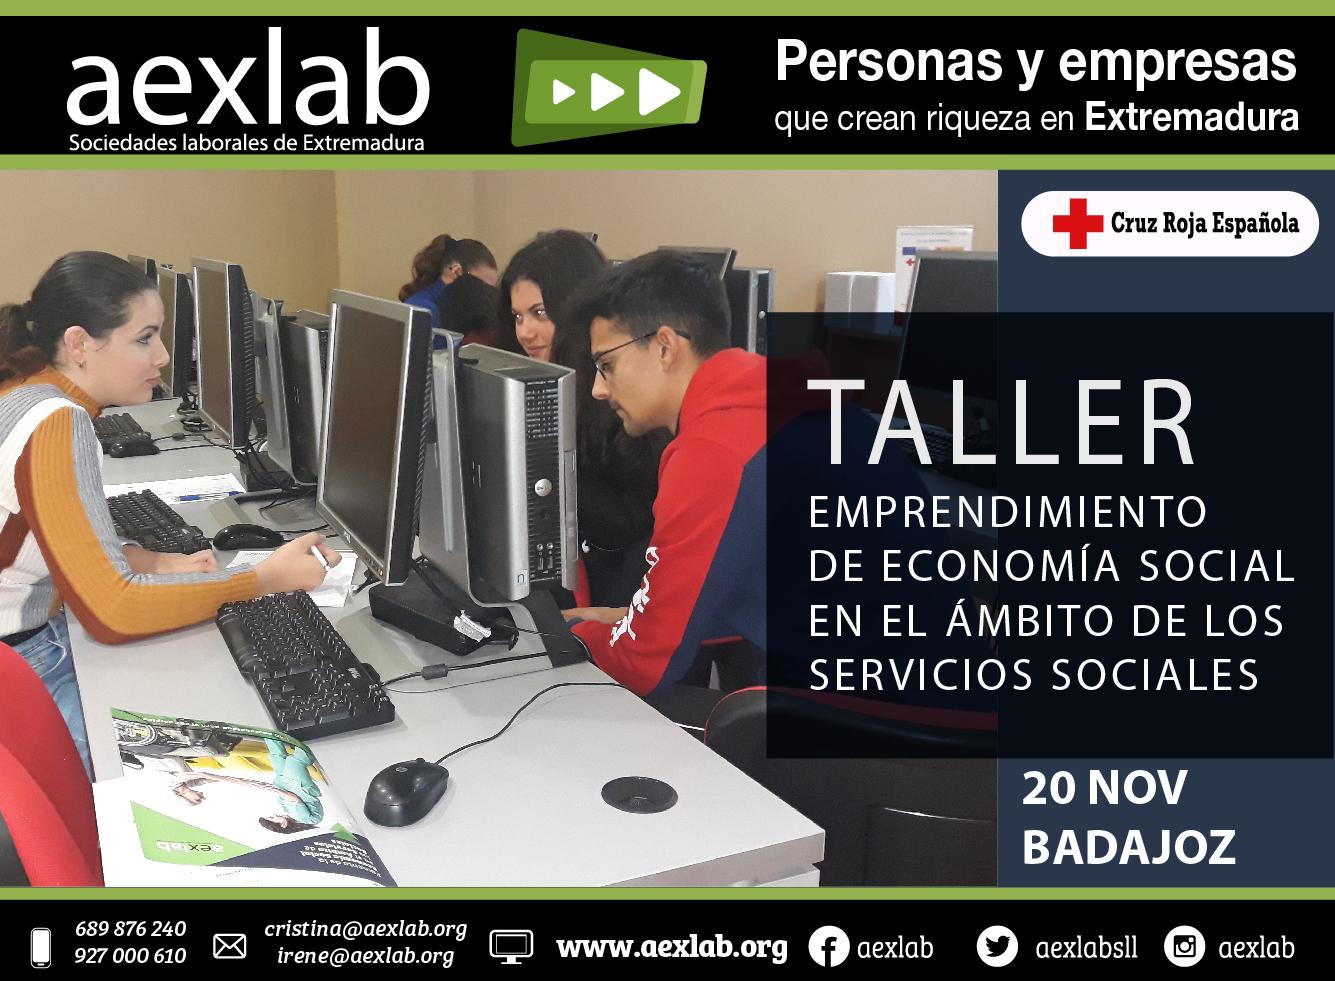 asistentes taller cruz roja ambito social aexlab 20 noviembre_Artboard 1 copia